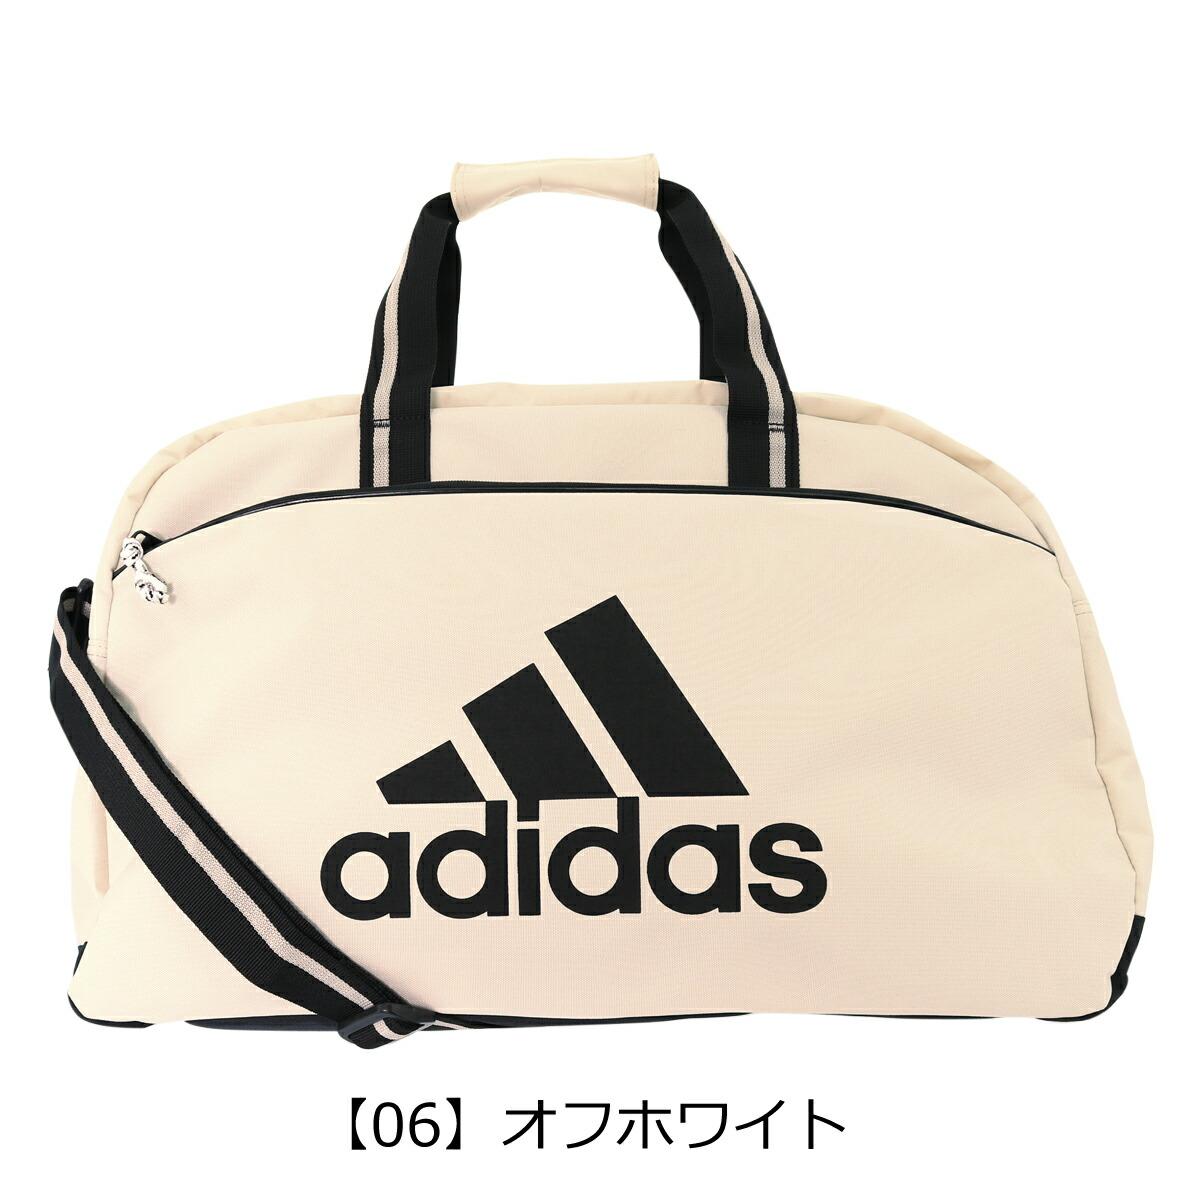 【06】オフホワイト